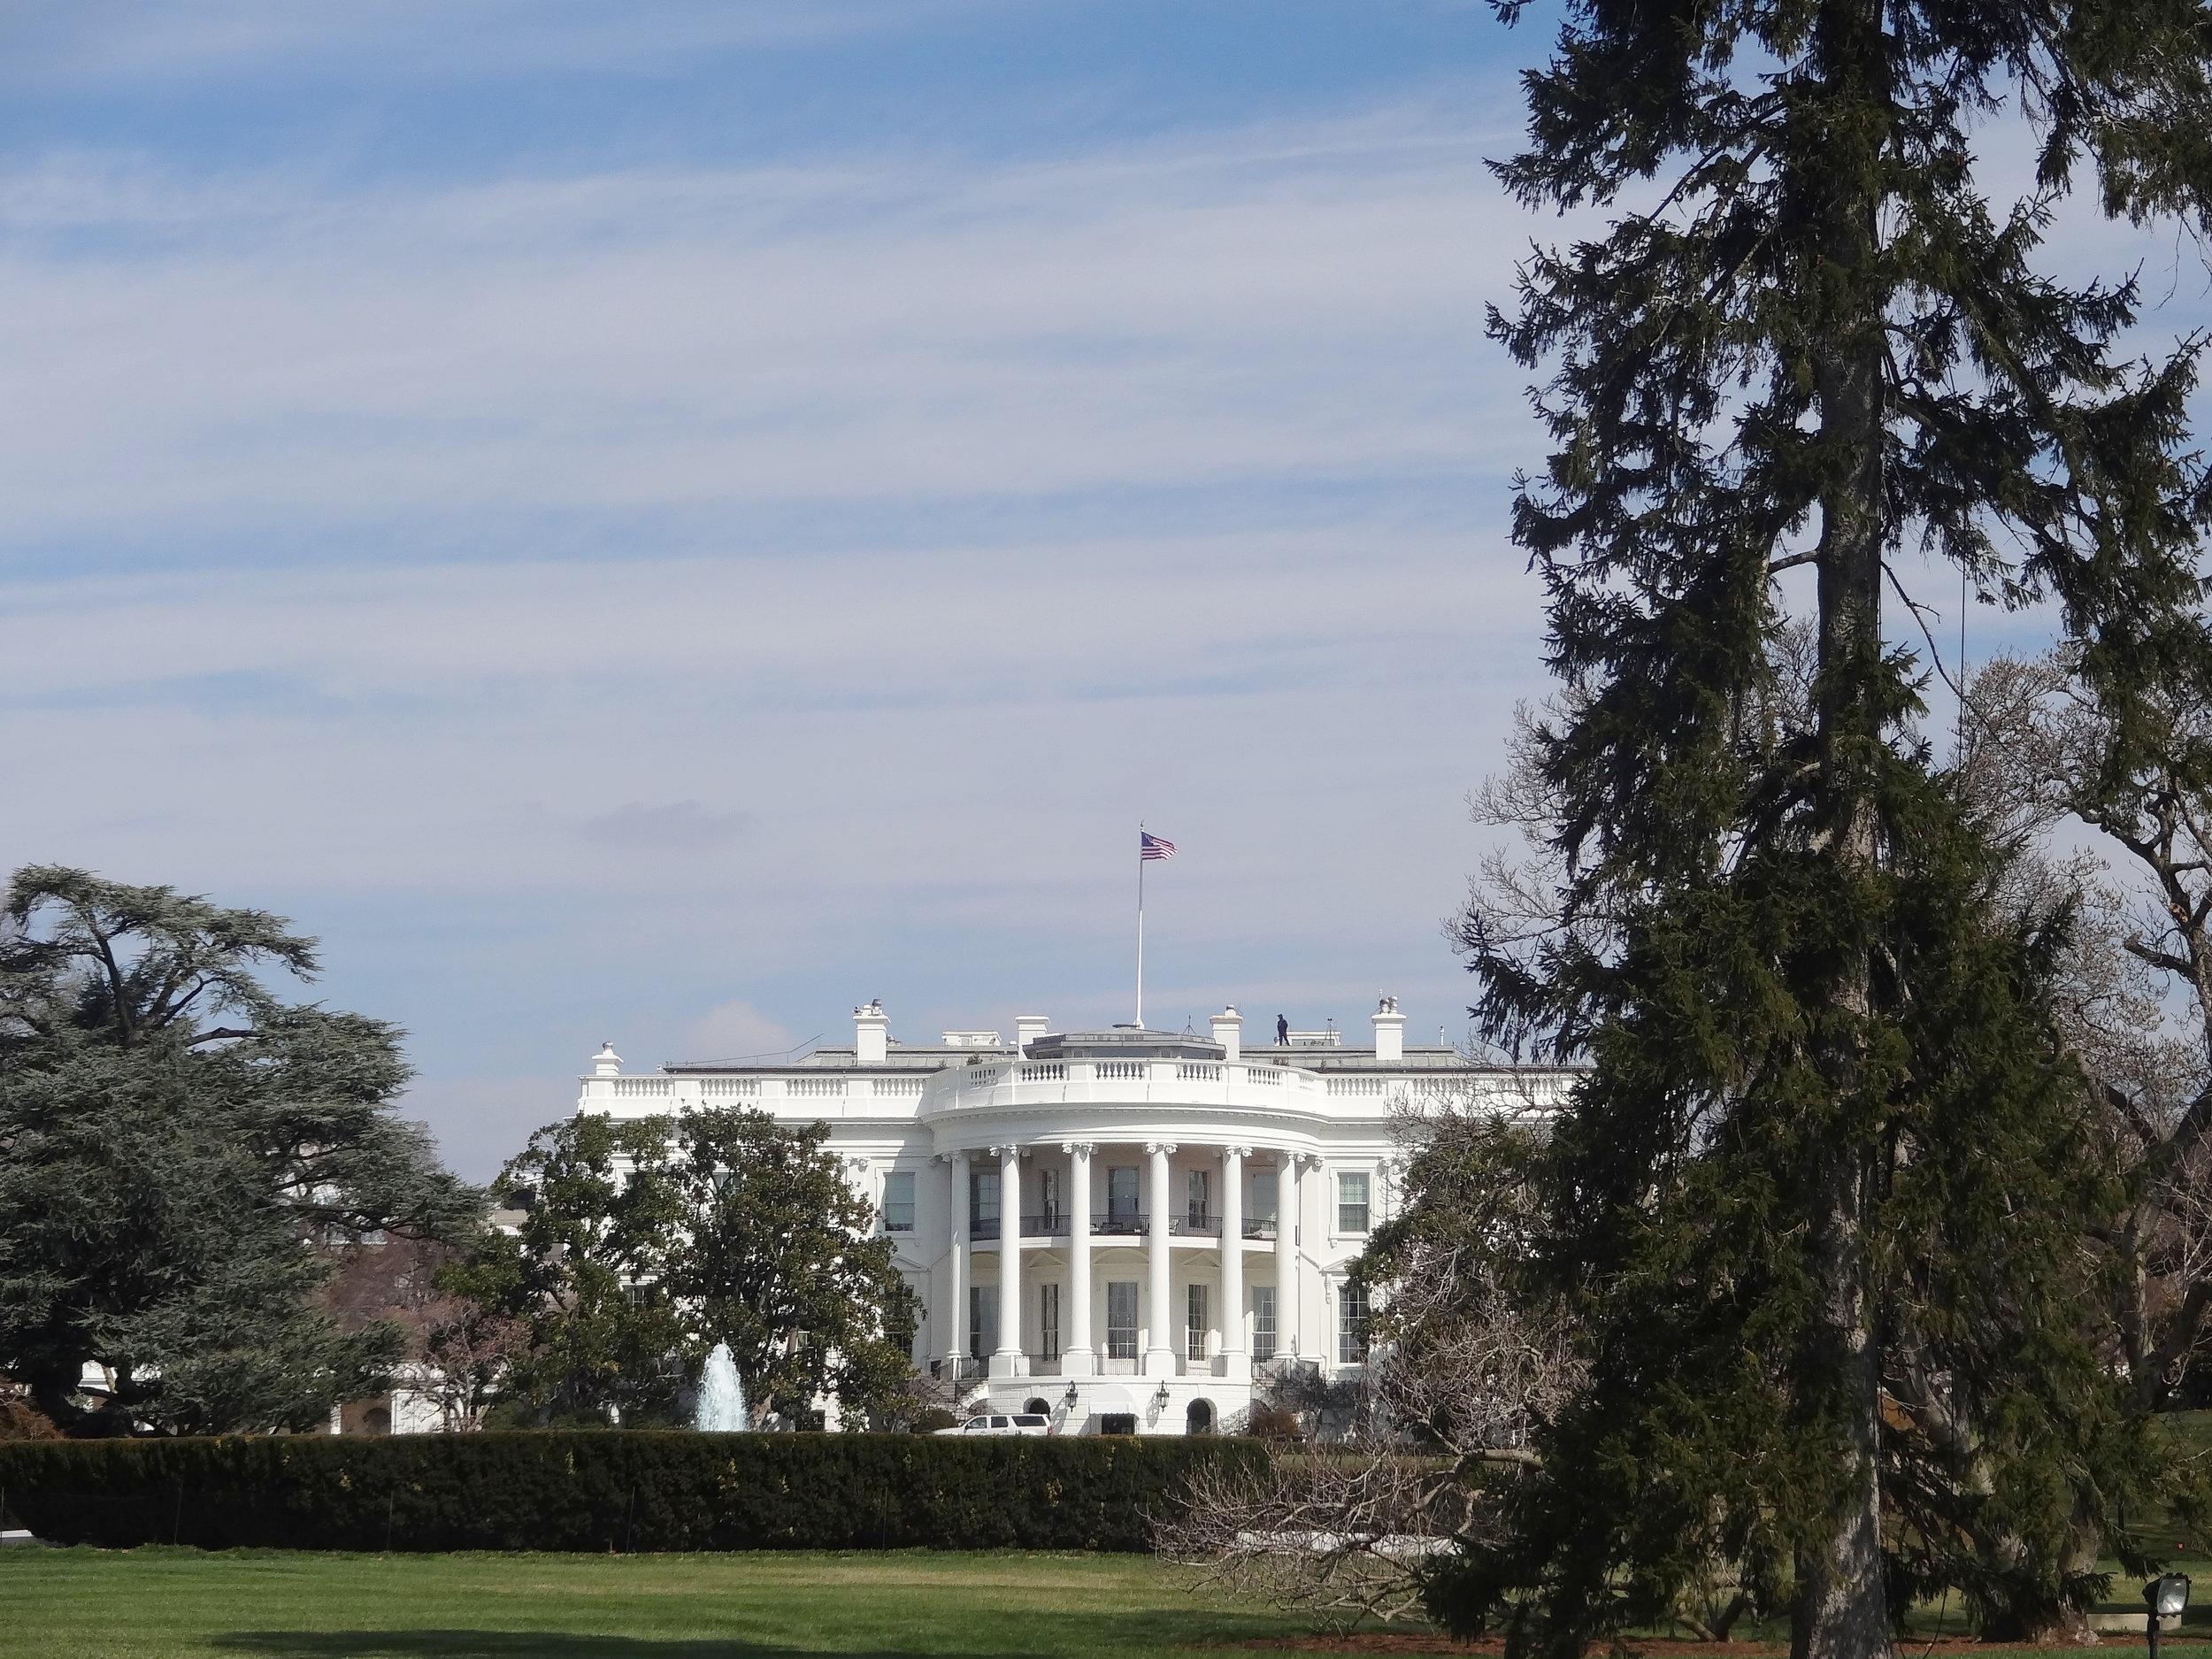 The White House | Washington, DC 2013